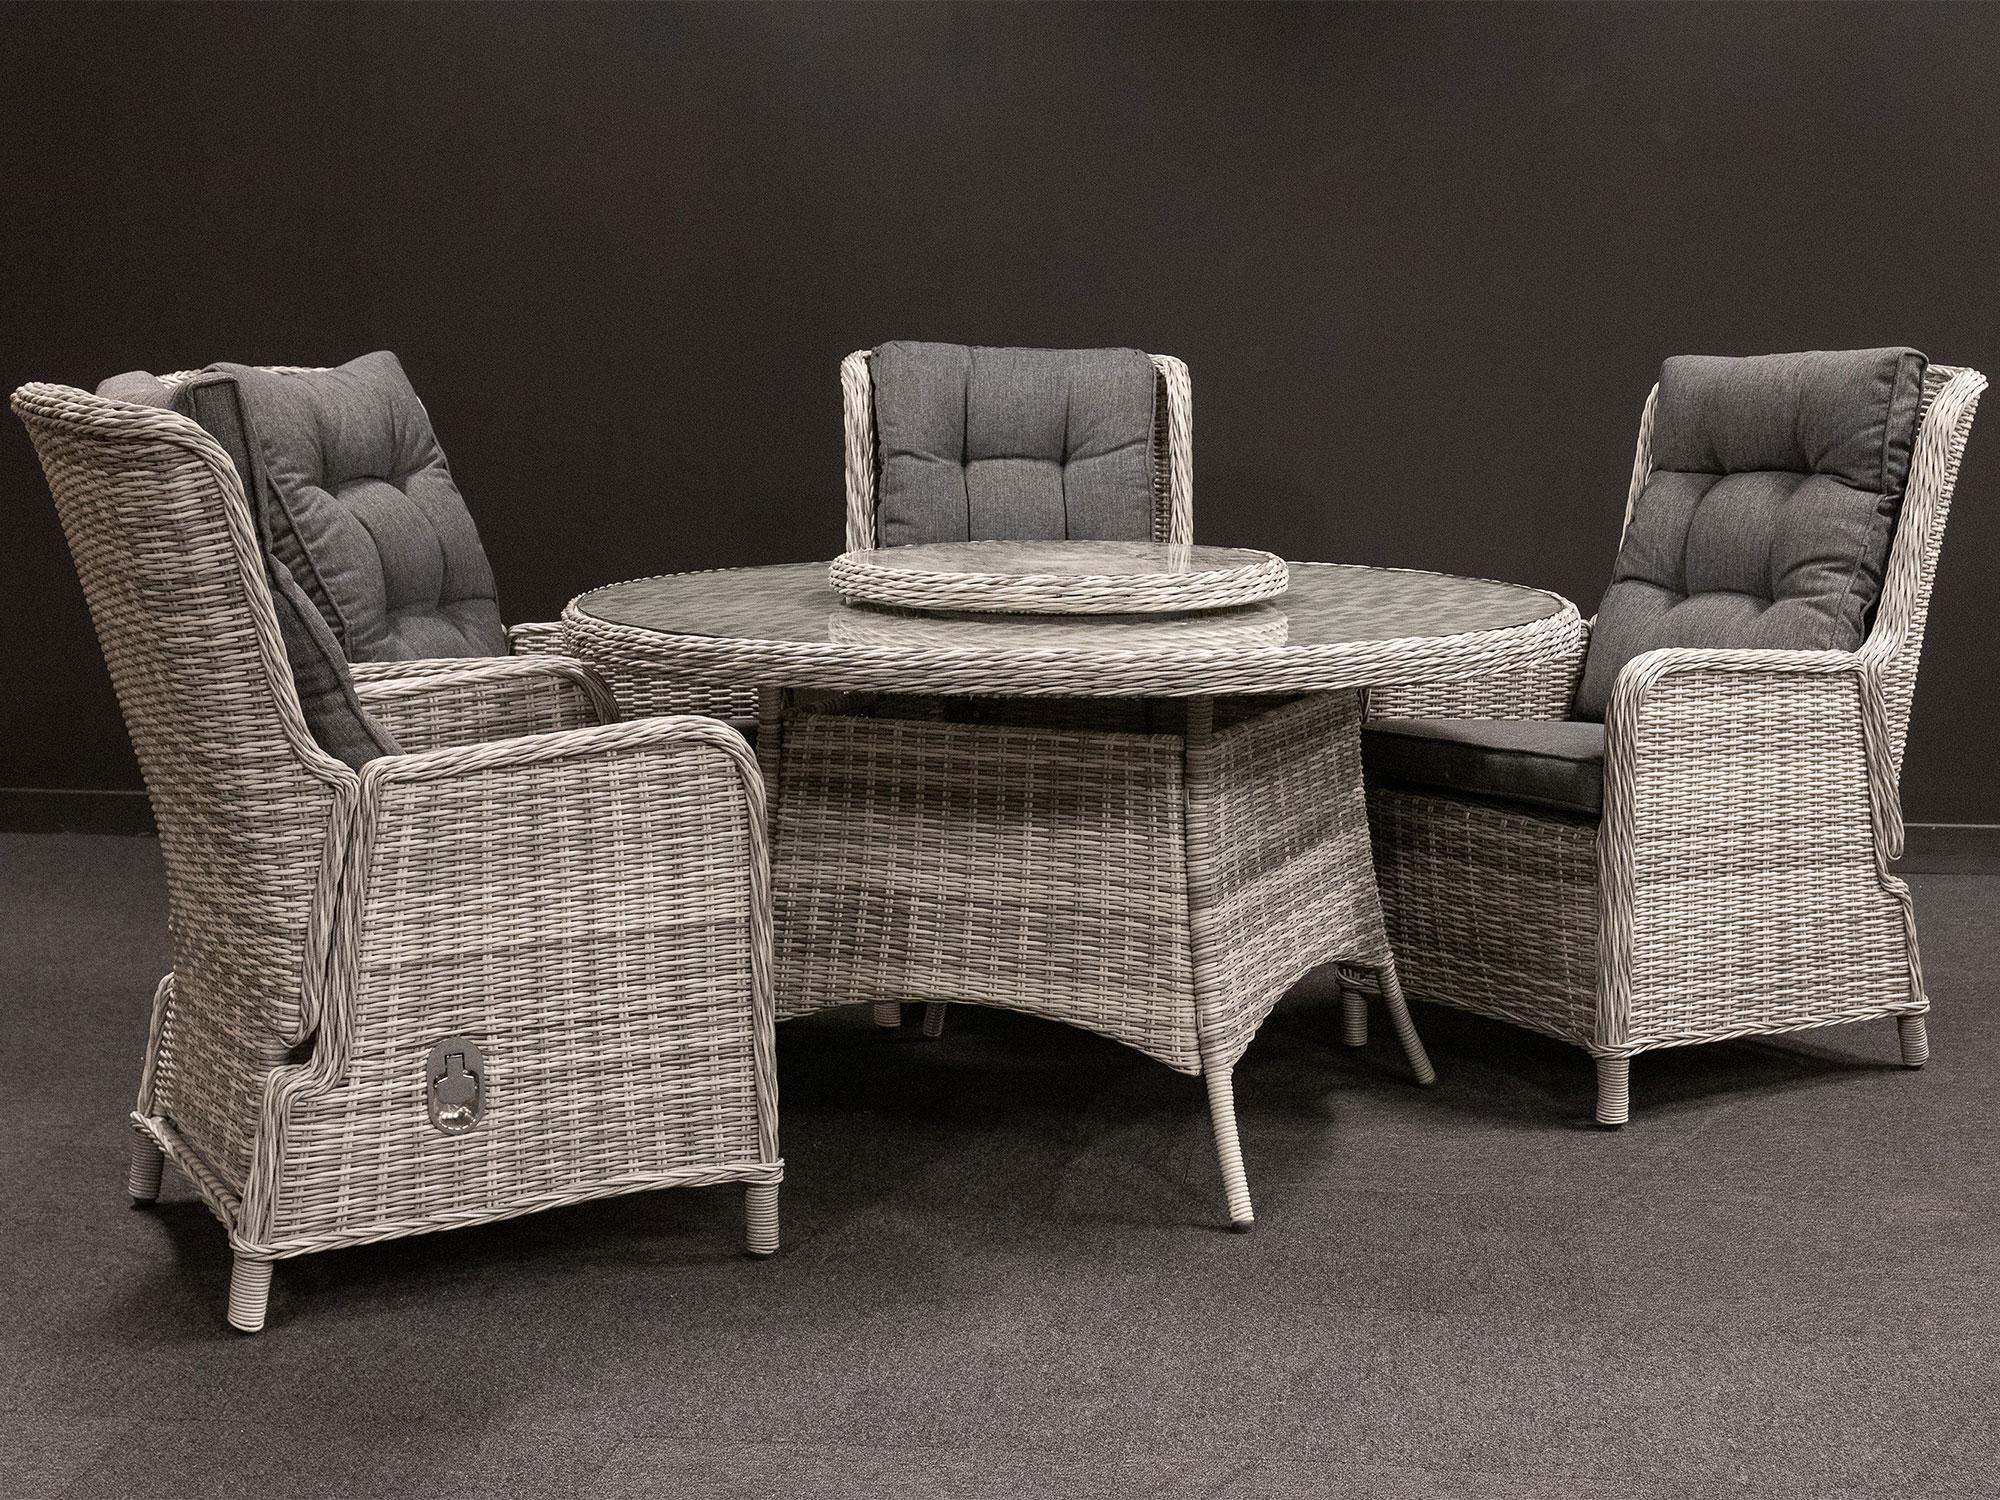 Produktbilde - Amalie hagesett med 4 stoler og spisebord - Hartman Nordic